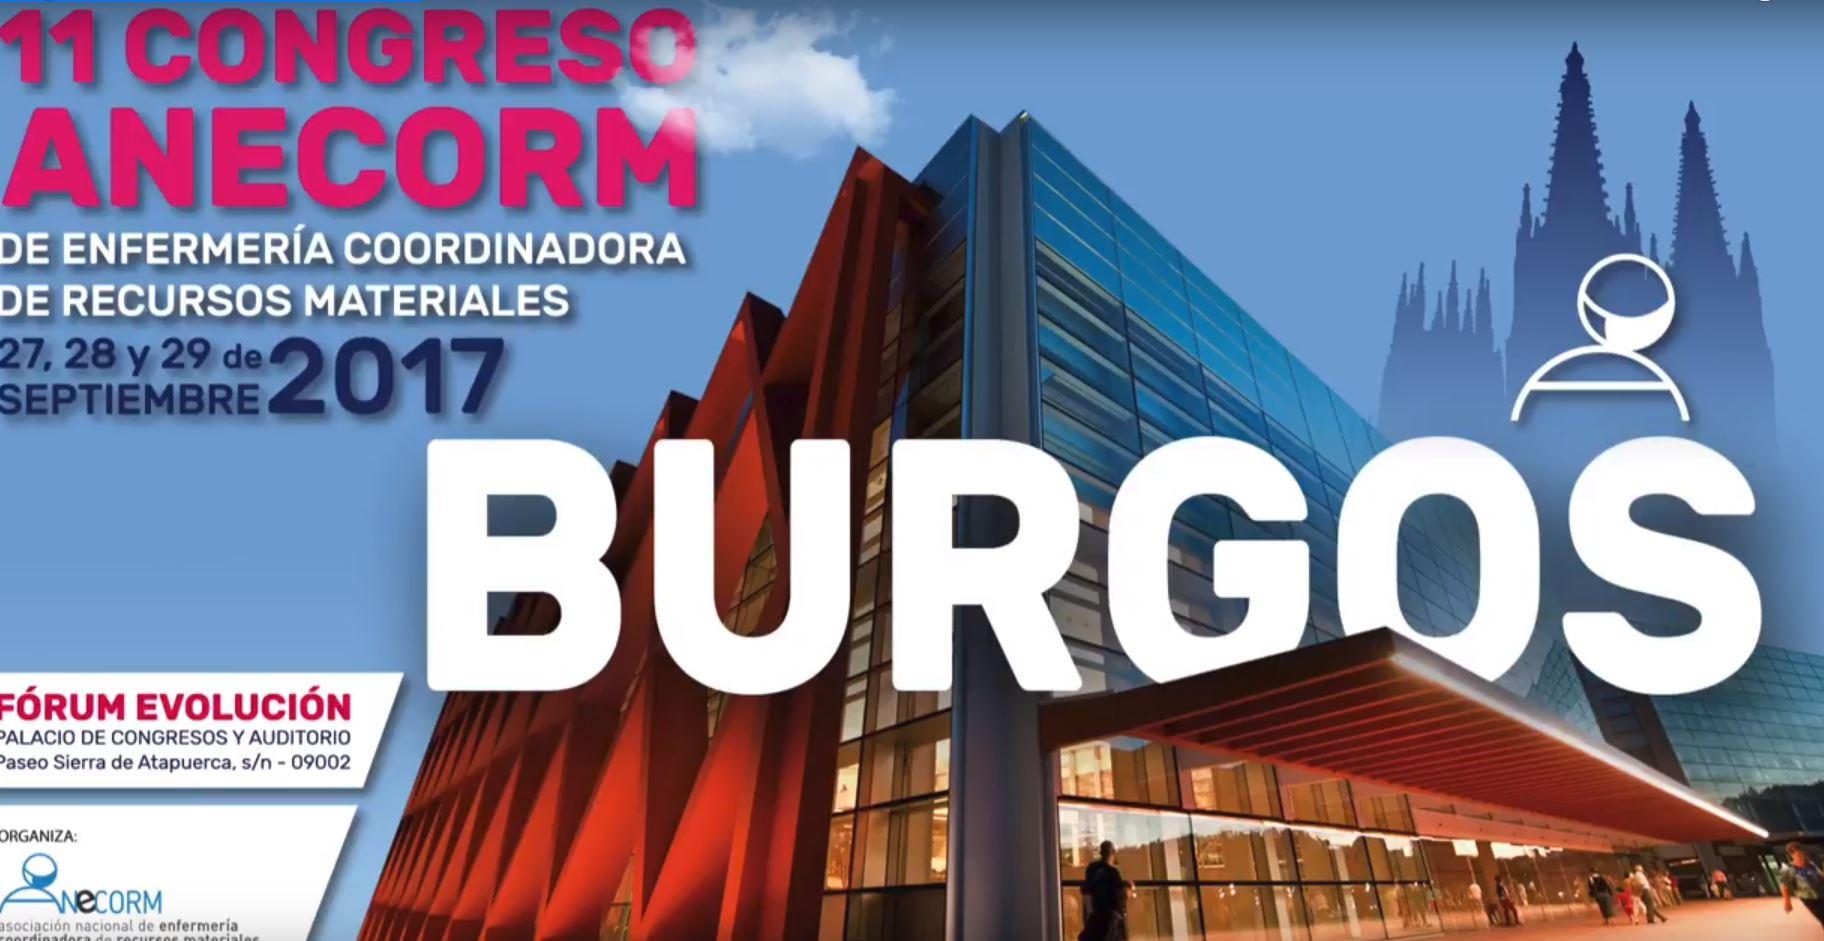 Burgos acoge el congreso nacional de enfermería coordinadora de recursos materiales